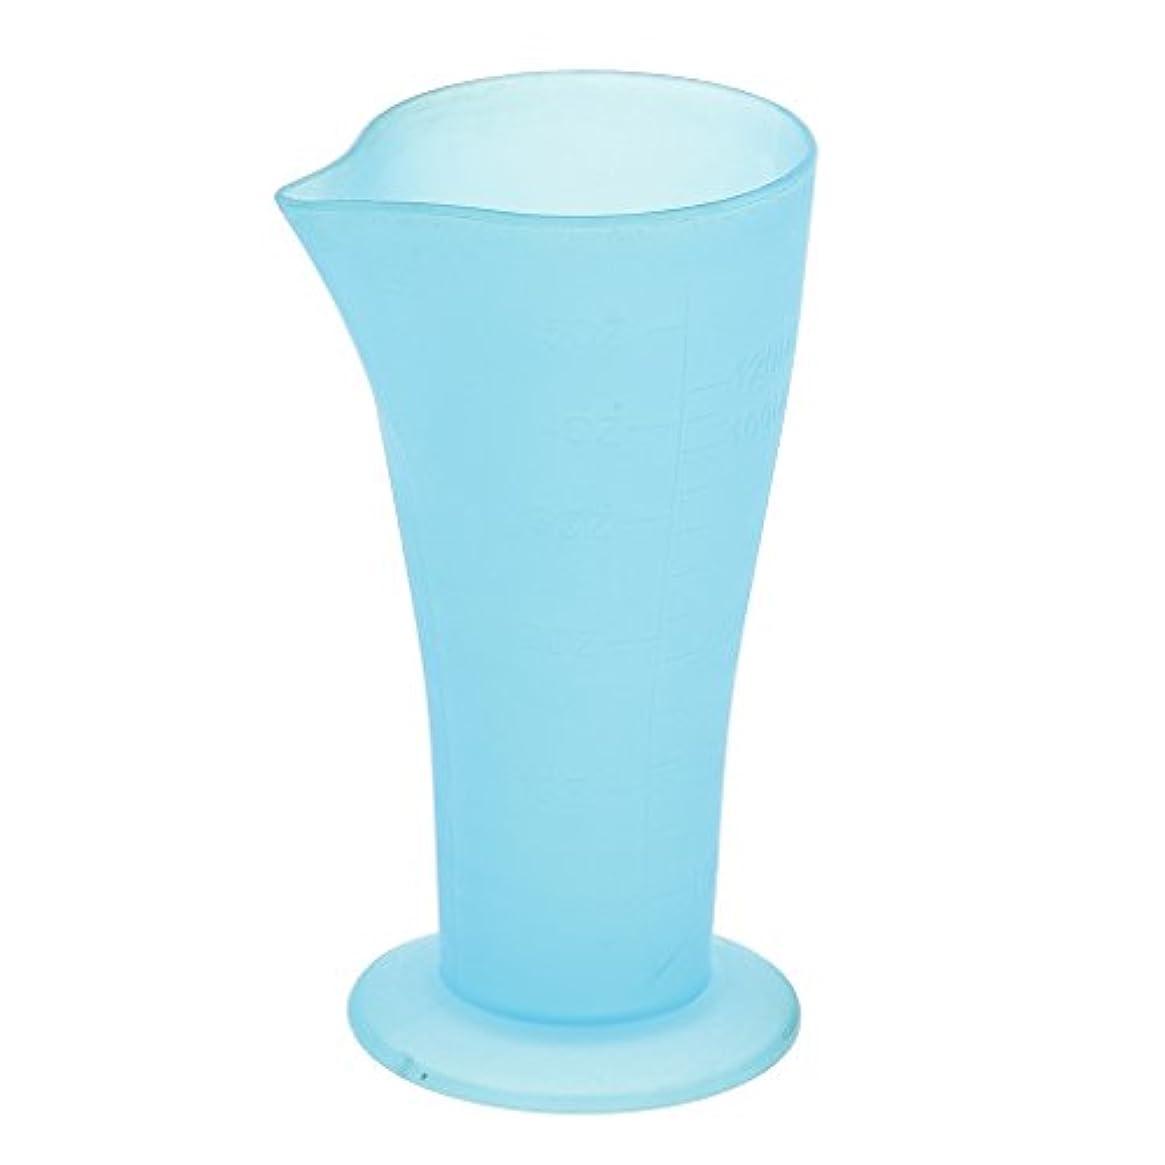 スナッチ経由でビバ計量カップ ヘアダイカップ ヘアカラーカップ 再使用可 120mL ヘアサロン